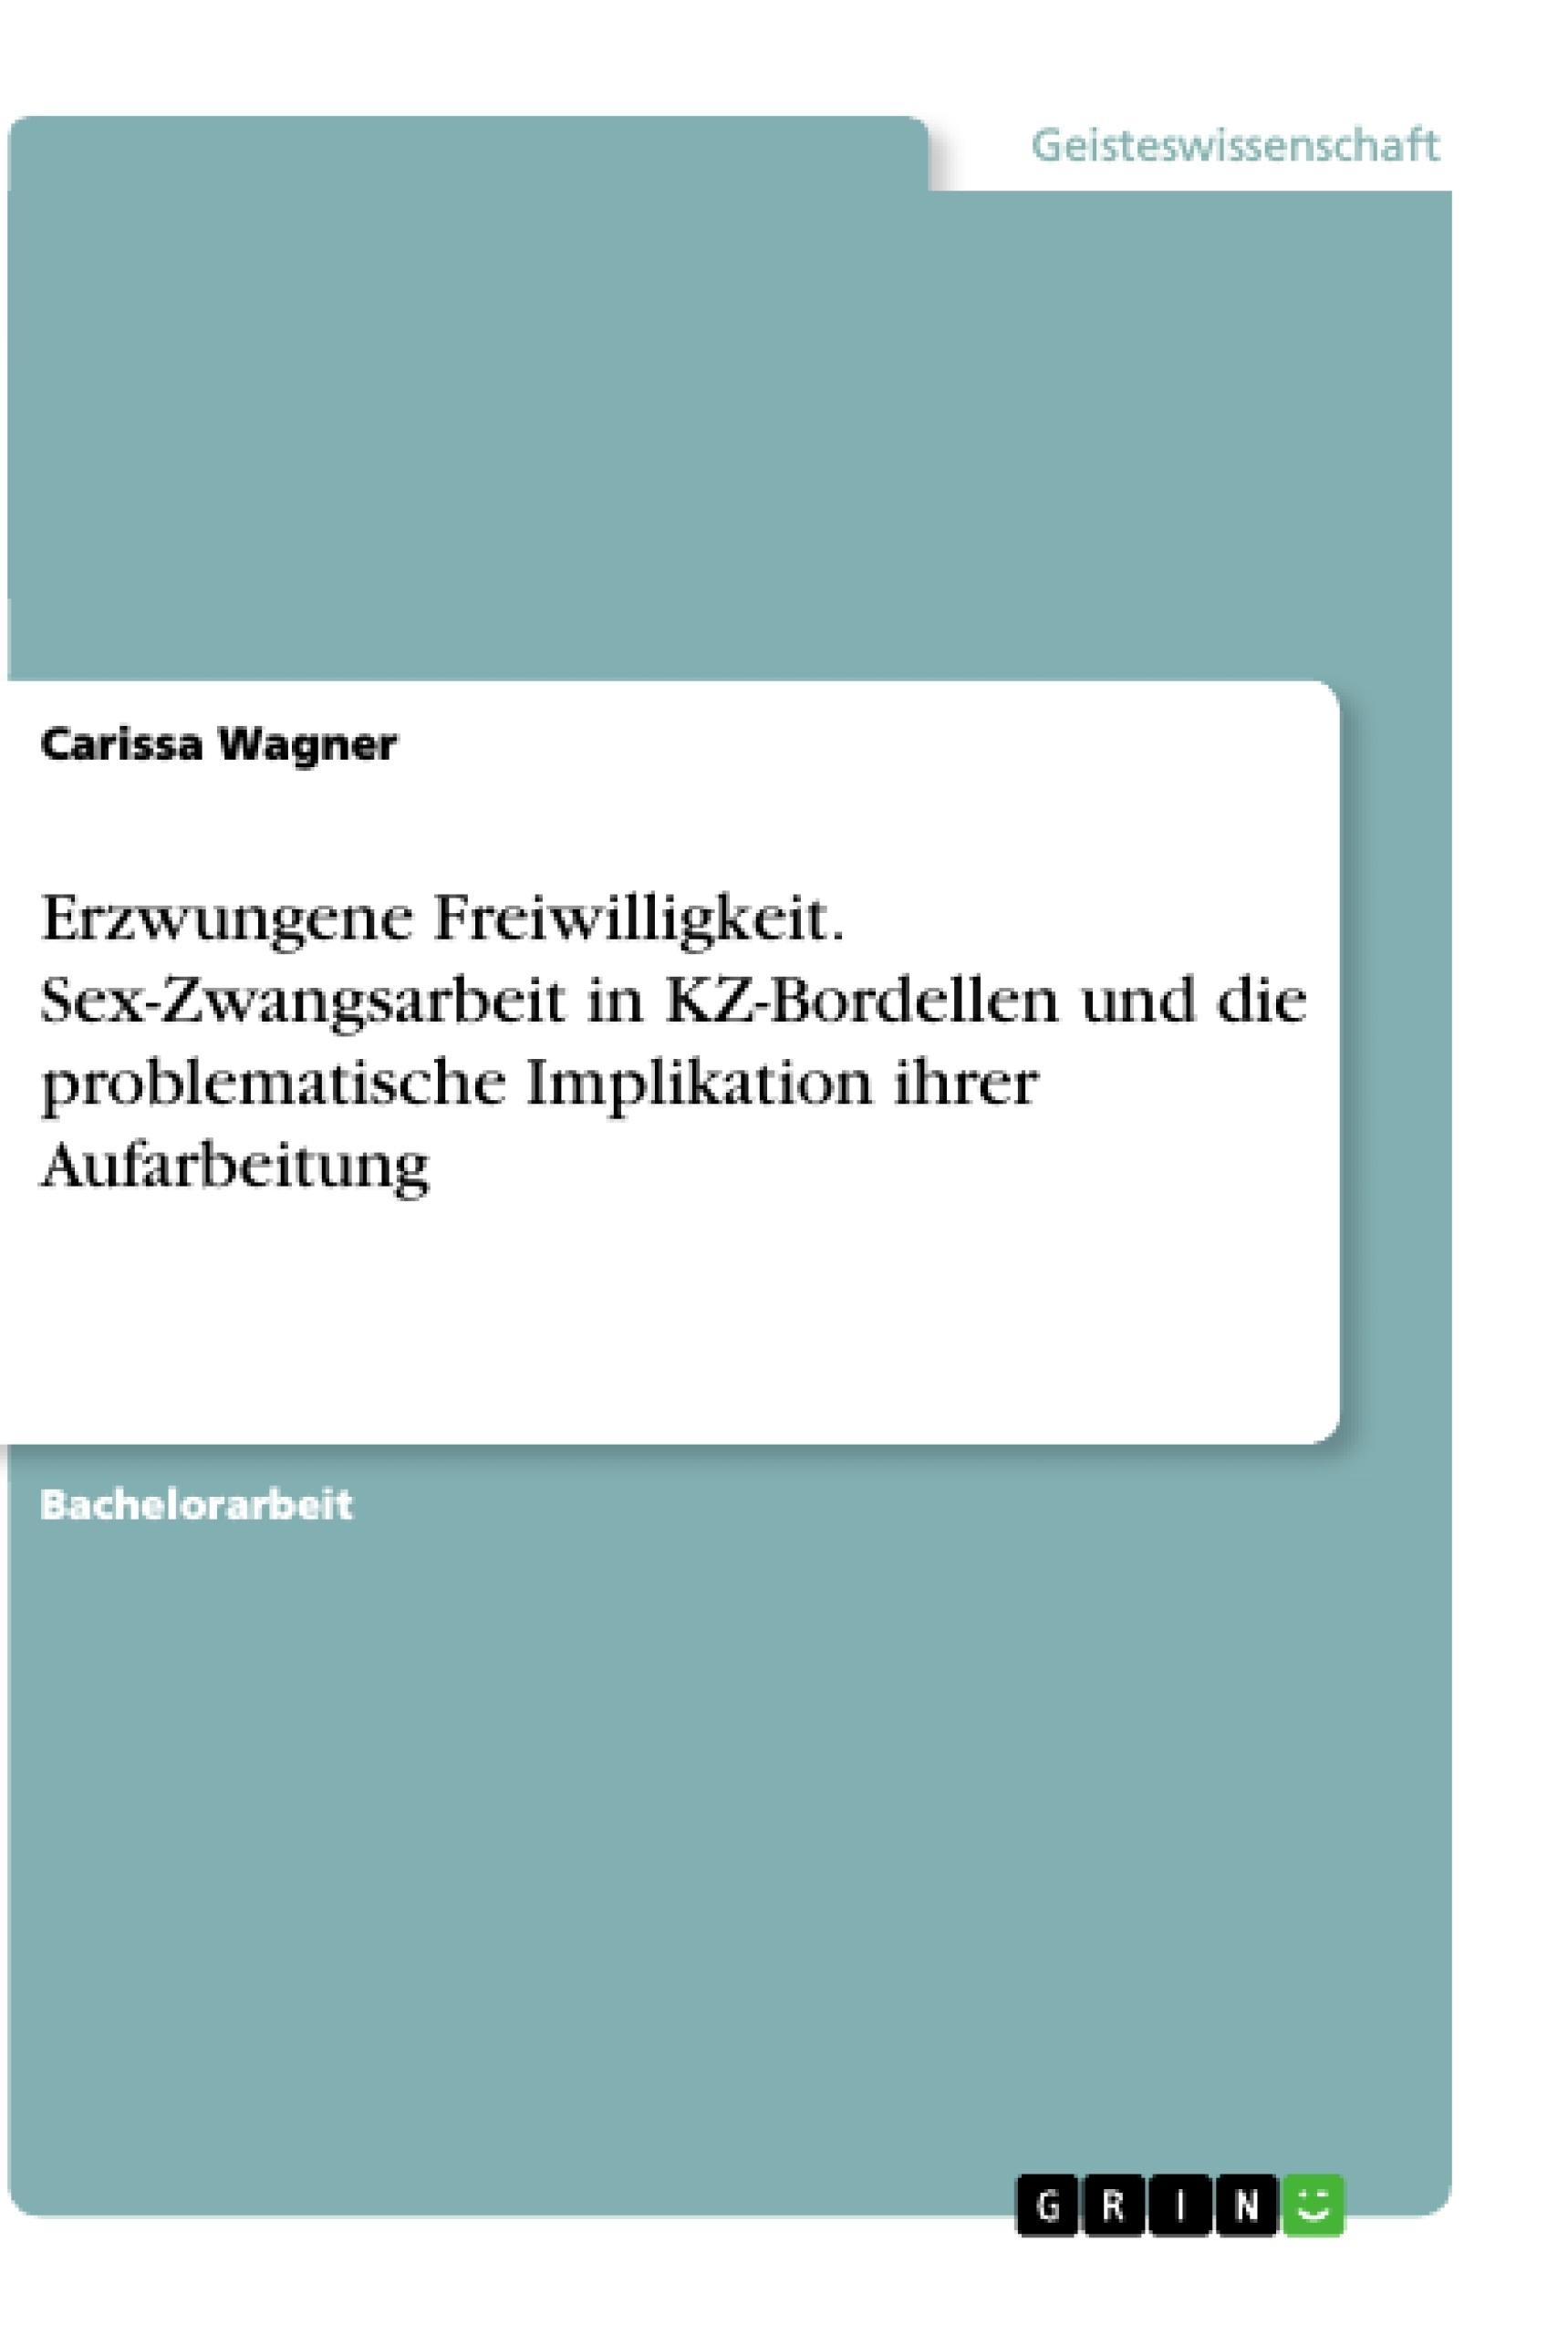 Titel: Erzwungene Freiwilligkeit. Sex-Zwangsarbeit in KZ-Bordellen und die problematische Implikation ihrer Aufarbeitung